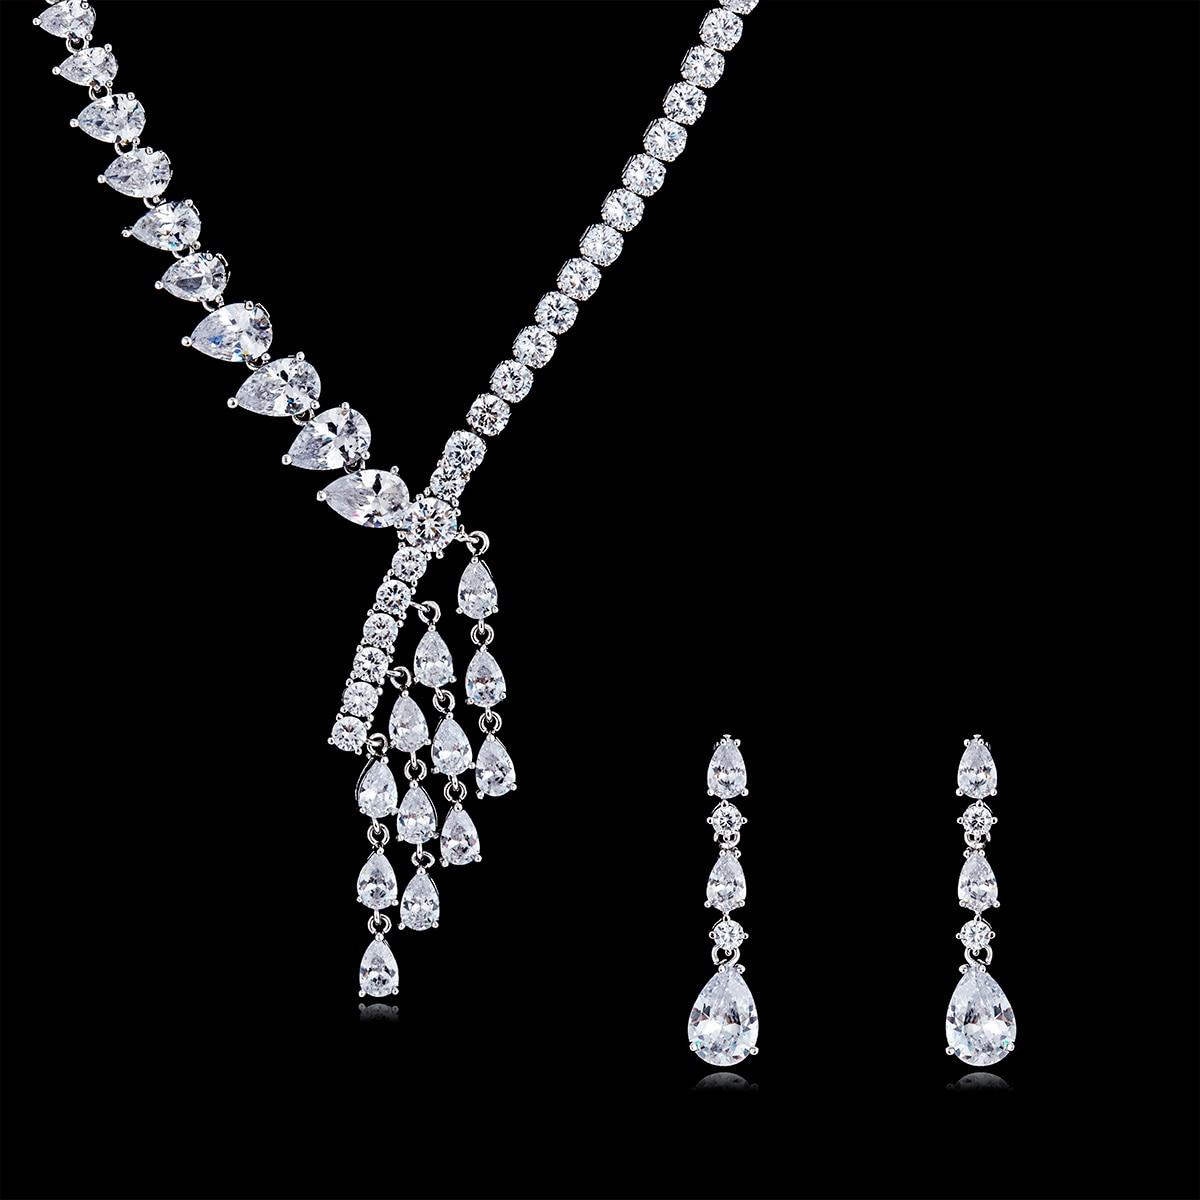 Individualité cristal CZ cubique Zircon mariée mariage fleur collier boucle d'oreille ensemble pour femmes bijoux accessoires CN10141